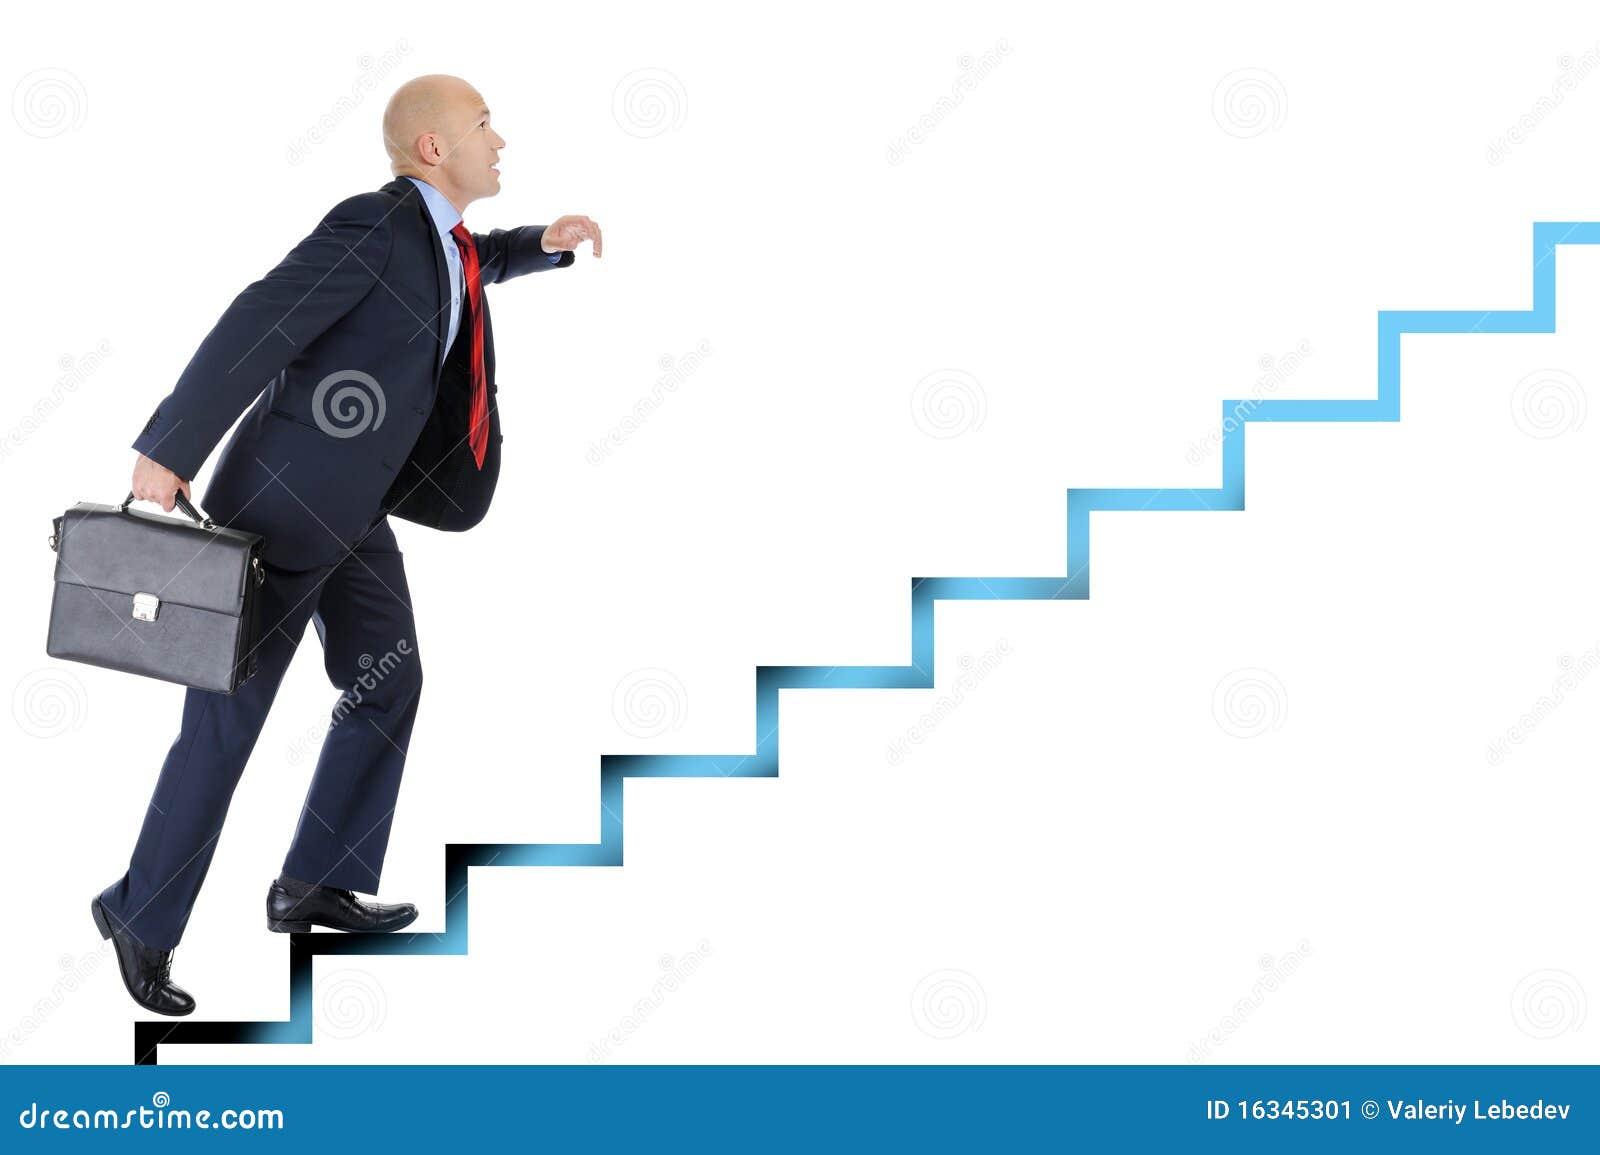 Имеетсч ли карьерный рост менеджерпо турзиму